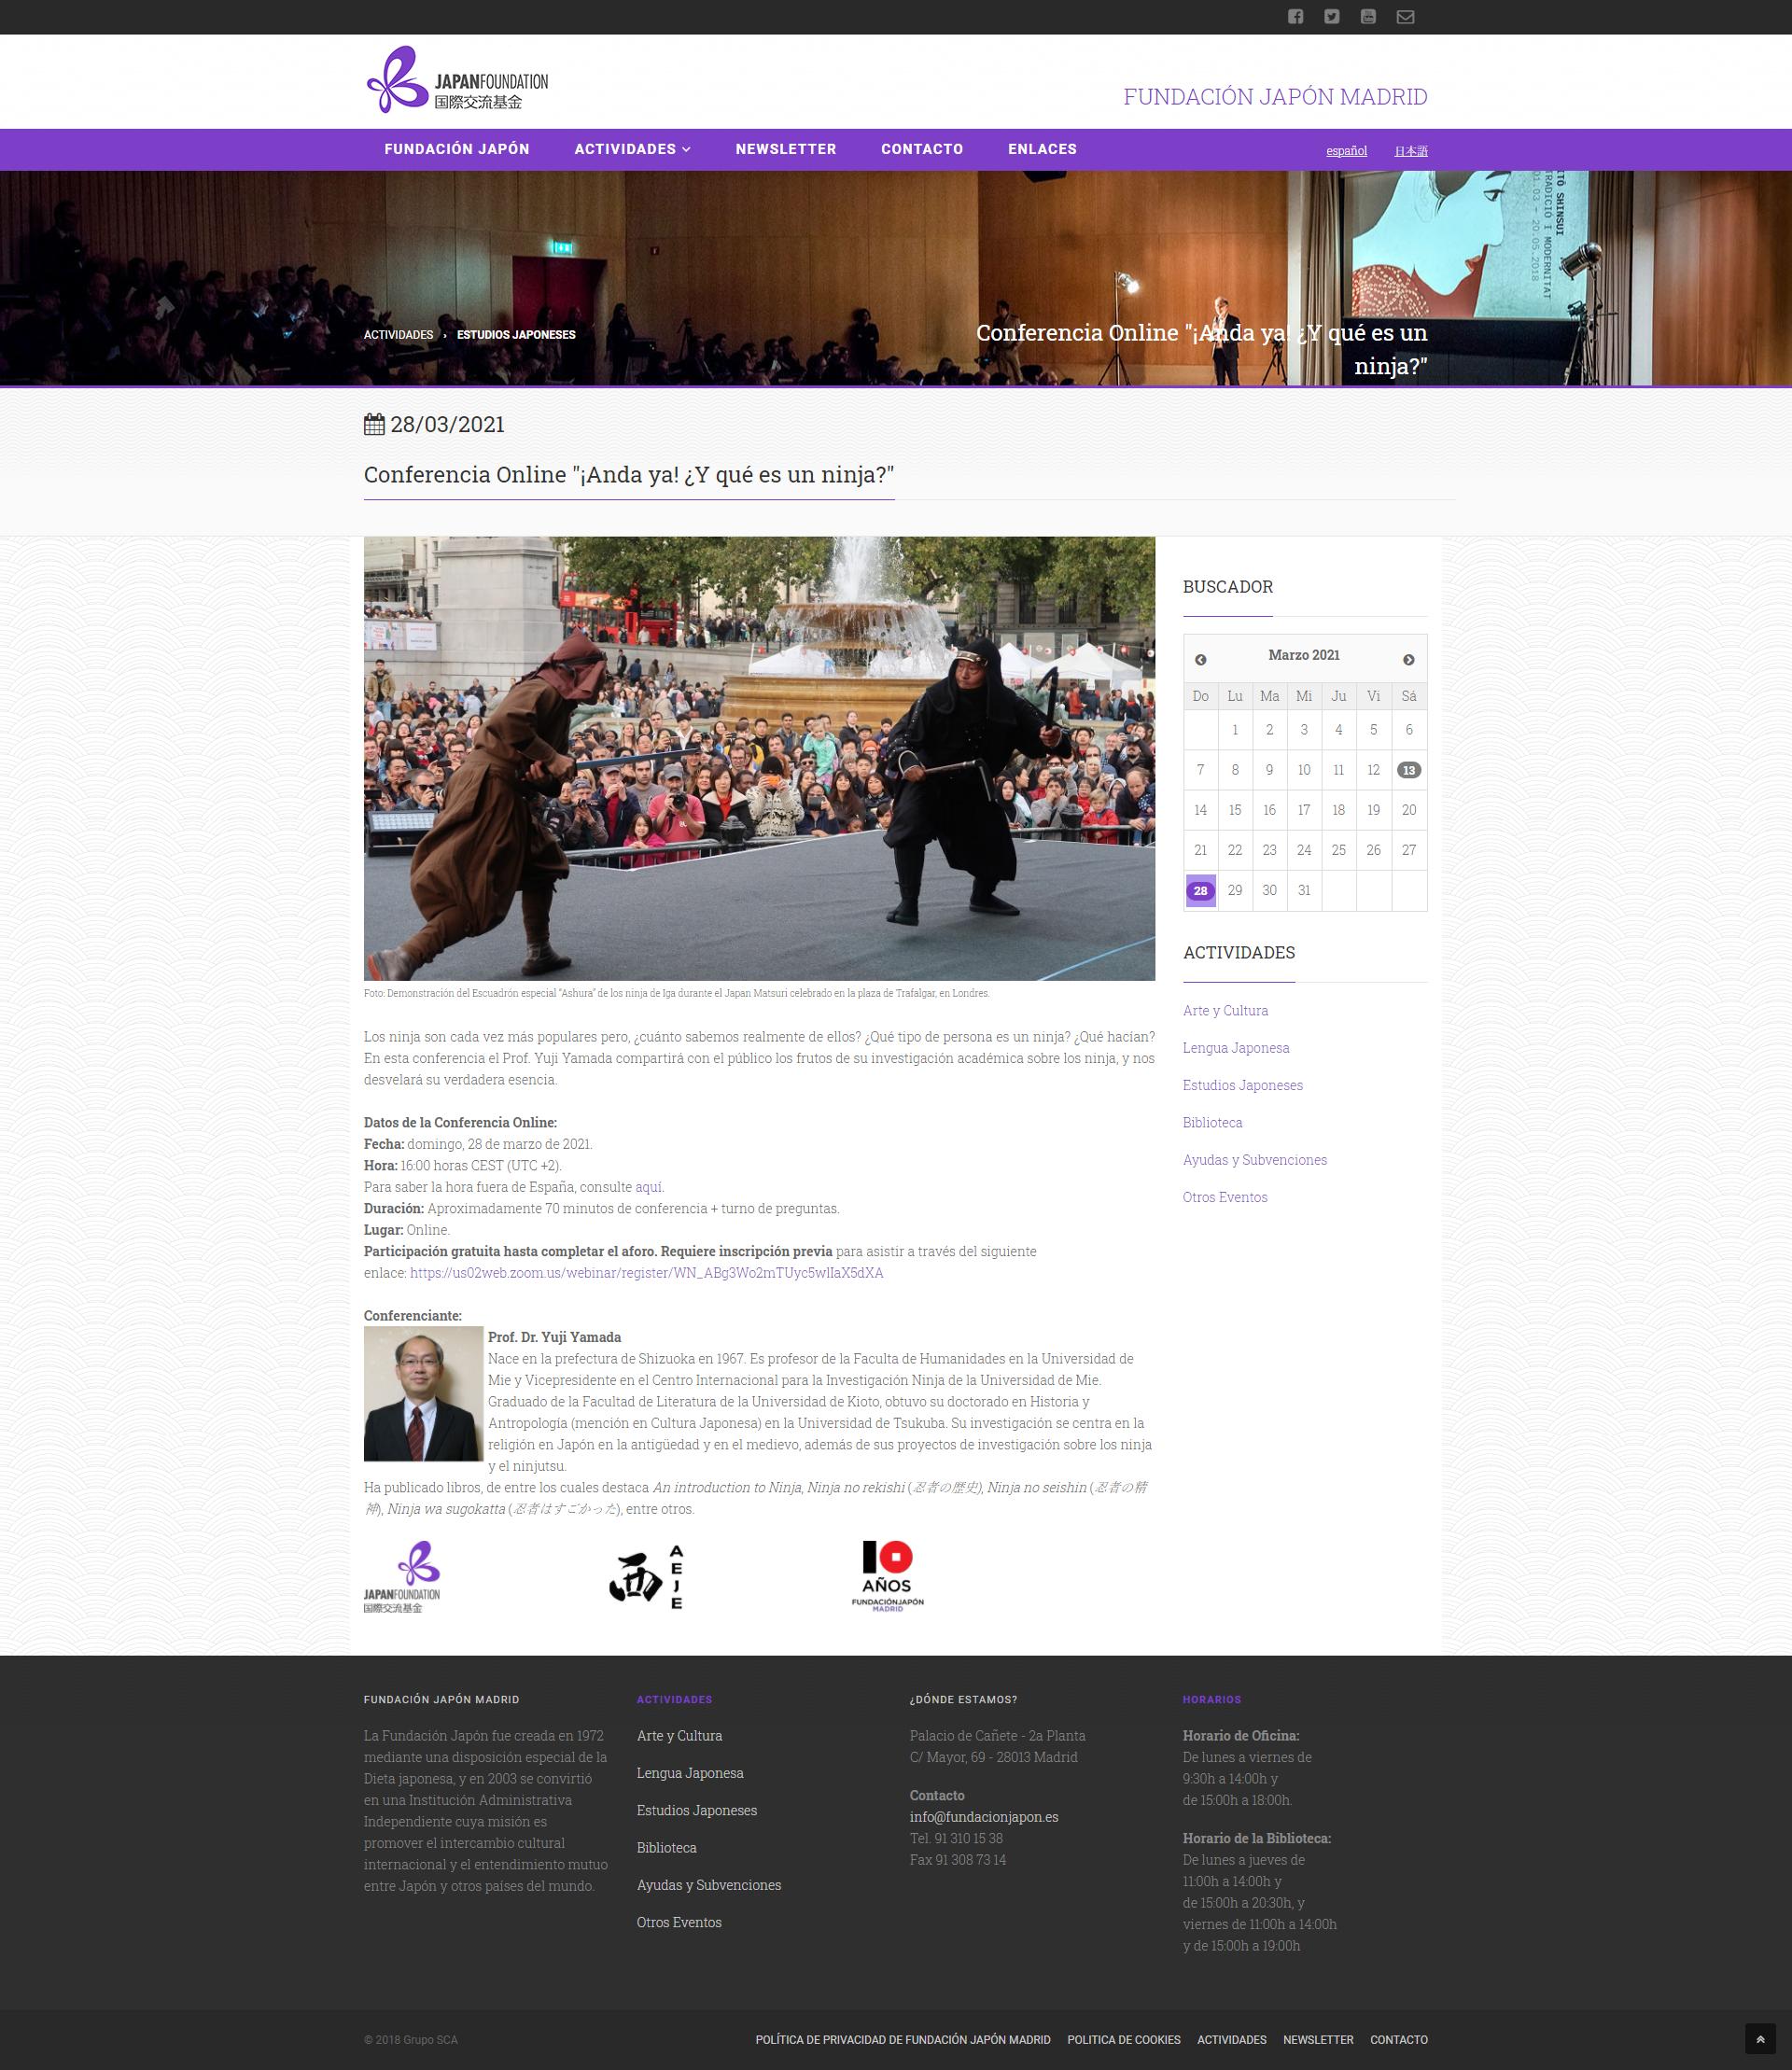 screencapture-fundacionjapon-es-es-Actividades-Estudios-Japoneses-evento-141-conferencia-online-anda-ya-y-que-es-un-ninja-2021-03-13-16_36_39.png